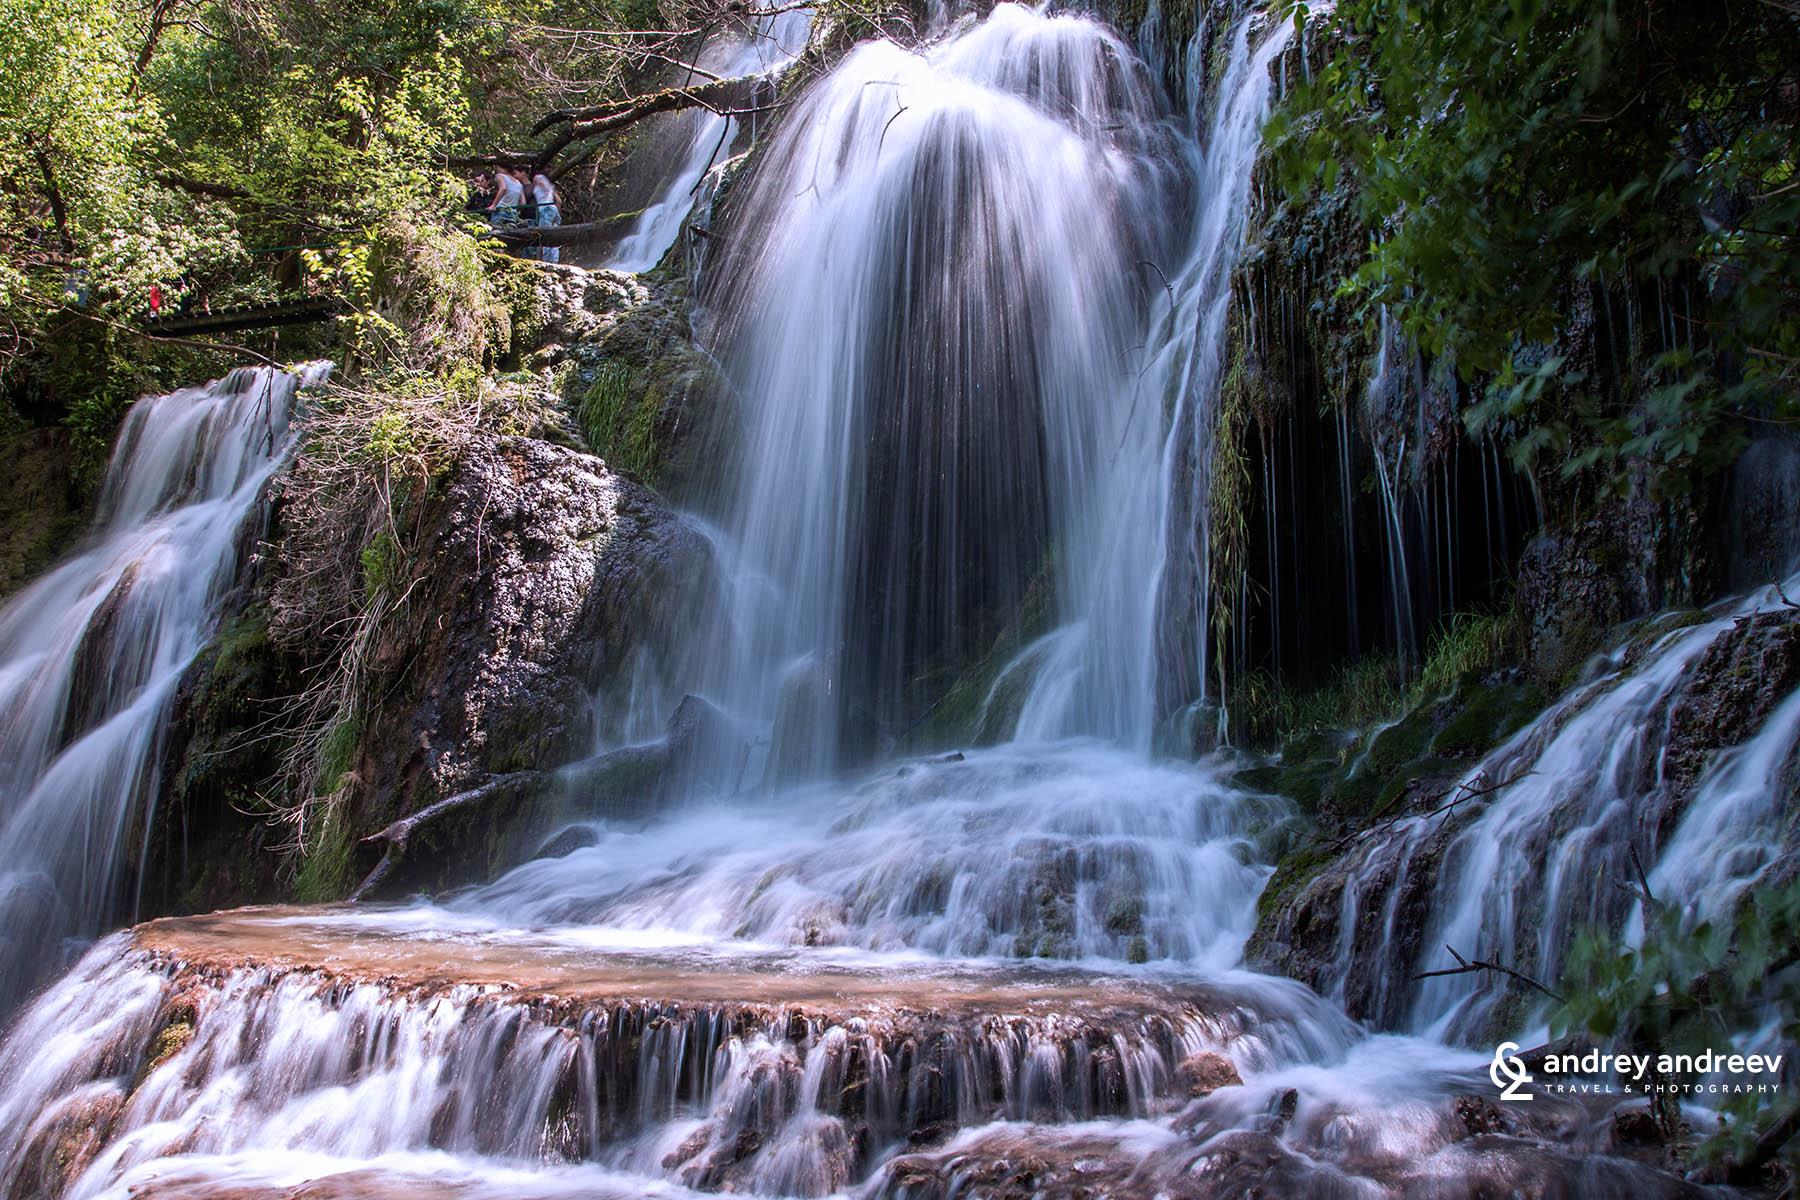 Крушунския водопад / Krushuna waterfall